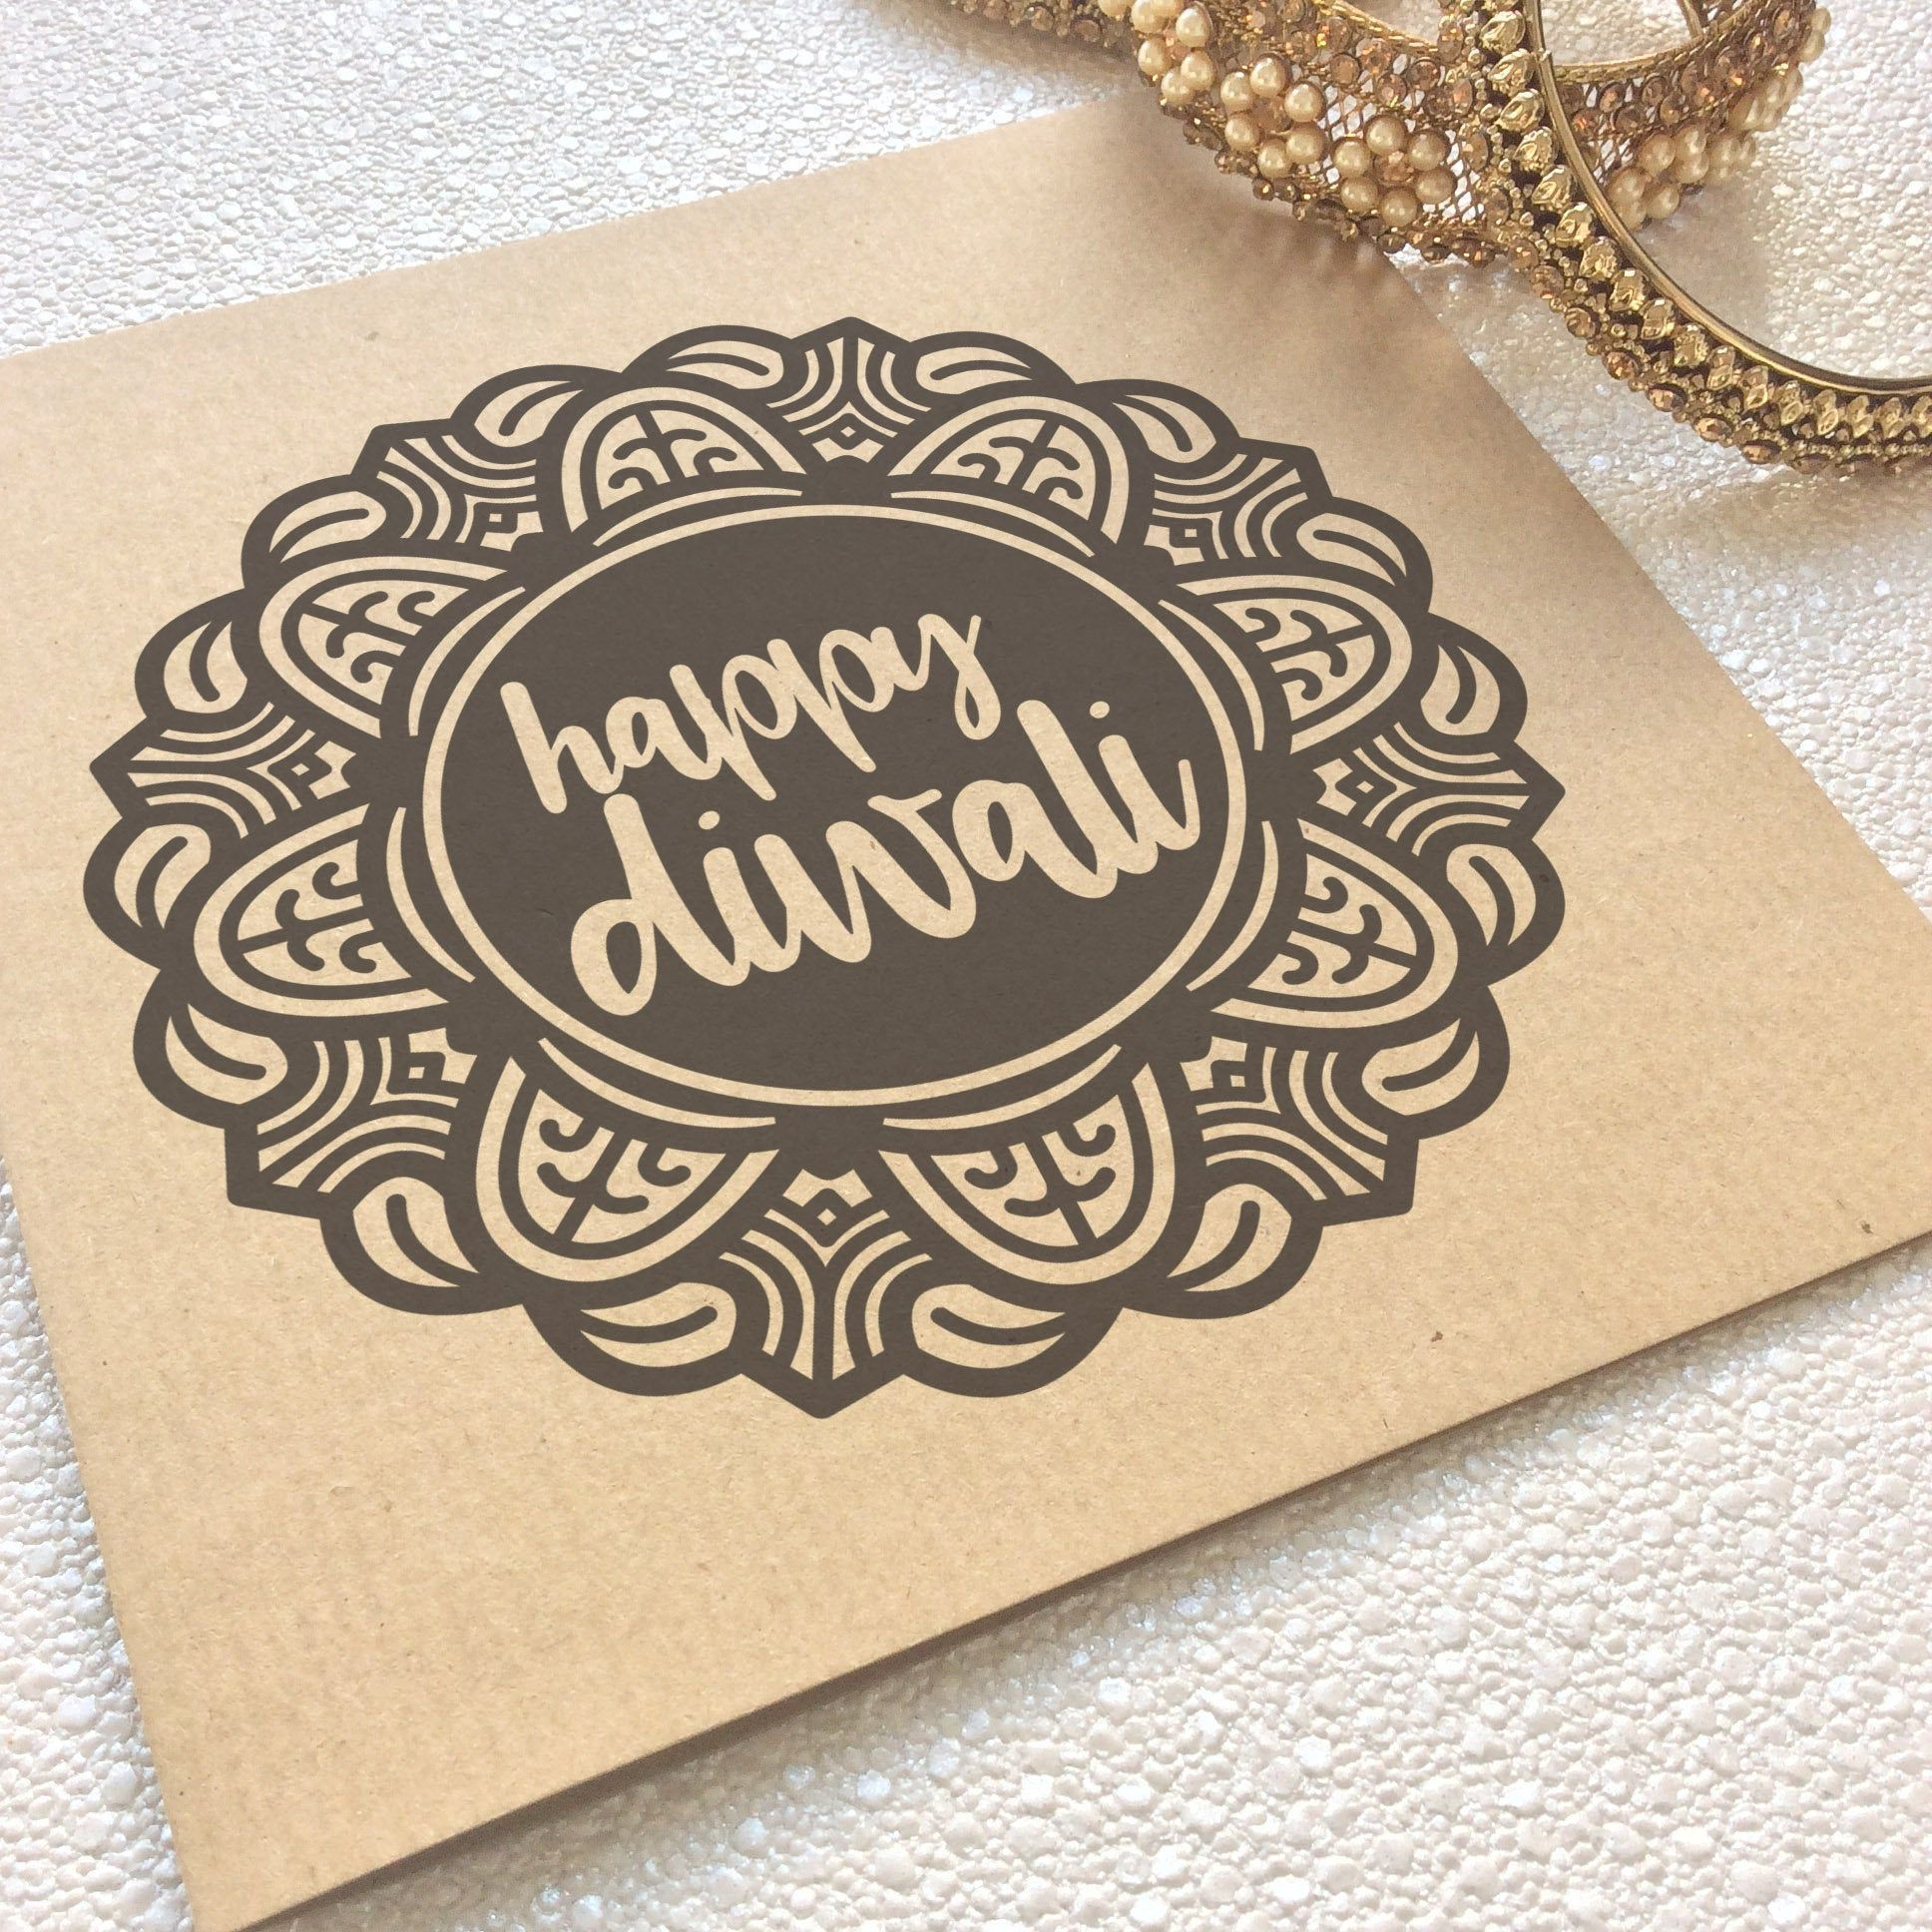 Mandala Design Happy Diwali Card, Diwali Greetings, Deepavali, Indian Occasion Card, Indian Celebration, Indian Festival #happydiwaligreetings Mandala Design Happy Diwali Card Diwali Greetings Deepavali image 1 #happydiwaligreetings Mandala Design Happy Diwali Card, Diwali Greetings, Deepavali, Indian Occasion Card, Indian Celebration, Indian Festival #happydiwaligreetings Mandala Design Happy Diwali Card Diwali Greetings Deepavali image 1 #happydiwaligreetings Mandala Design Happy Diwali Card, #happydiwaligreetings